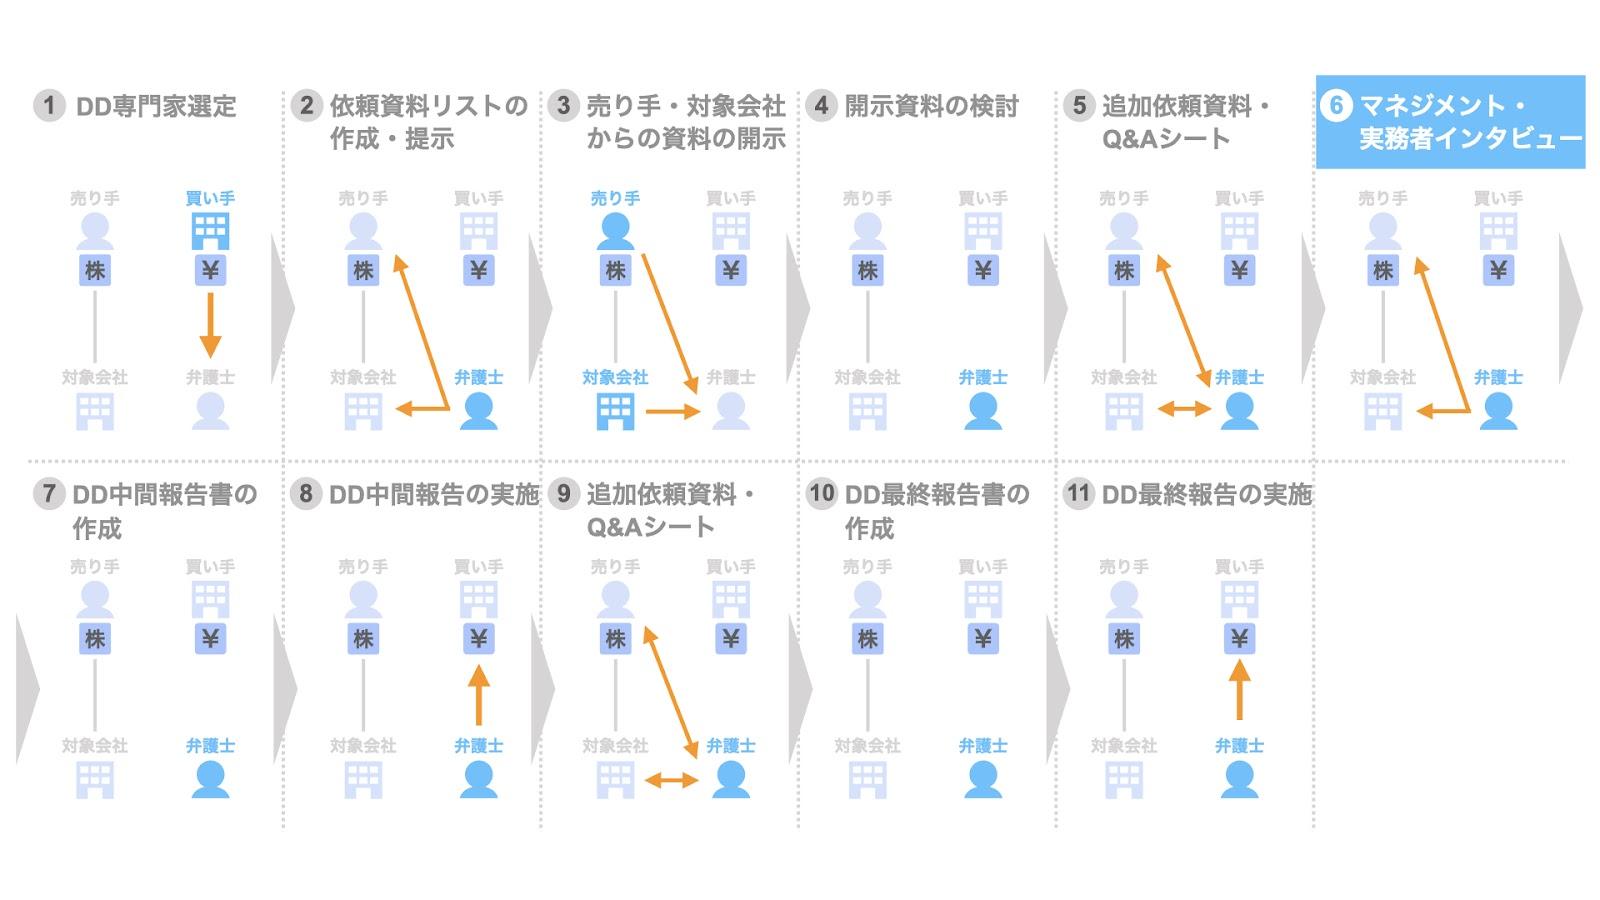 6. マネジメントインタビュー・実務者インタビューの実施